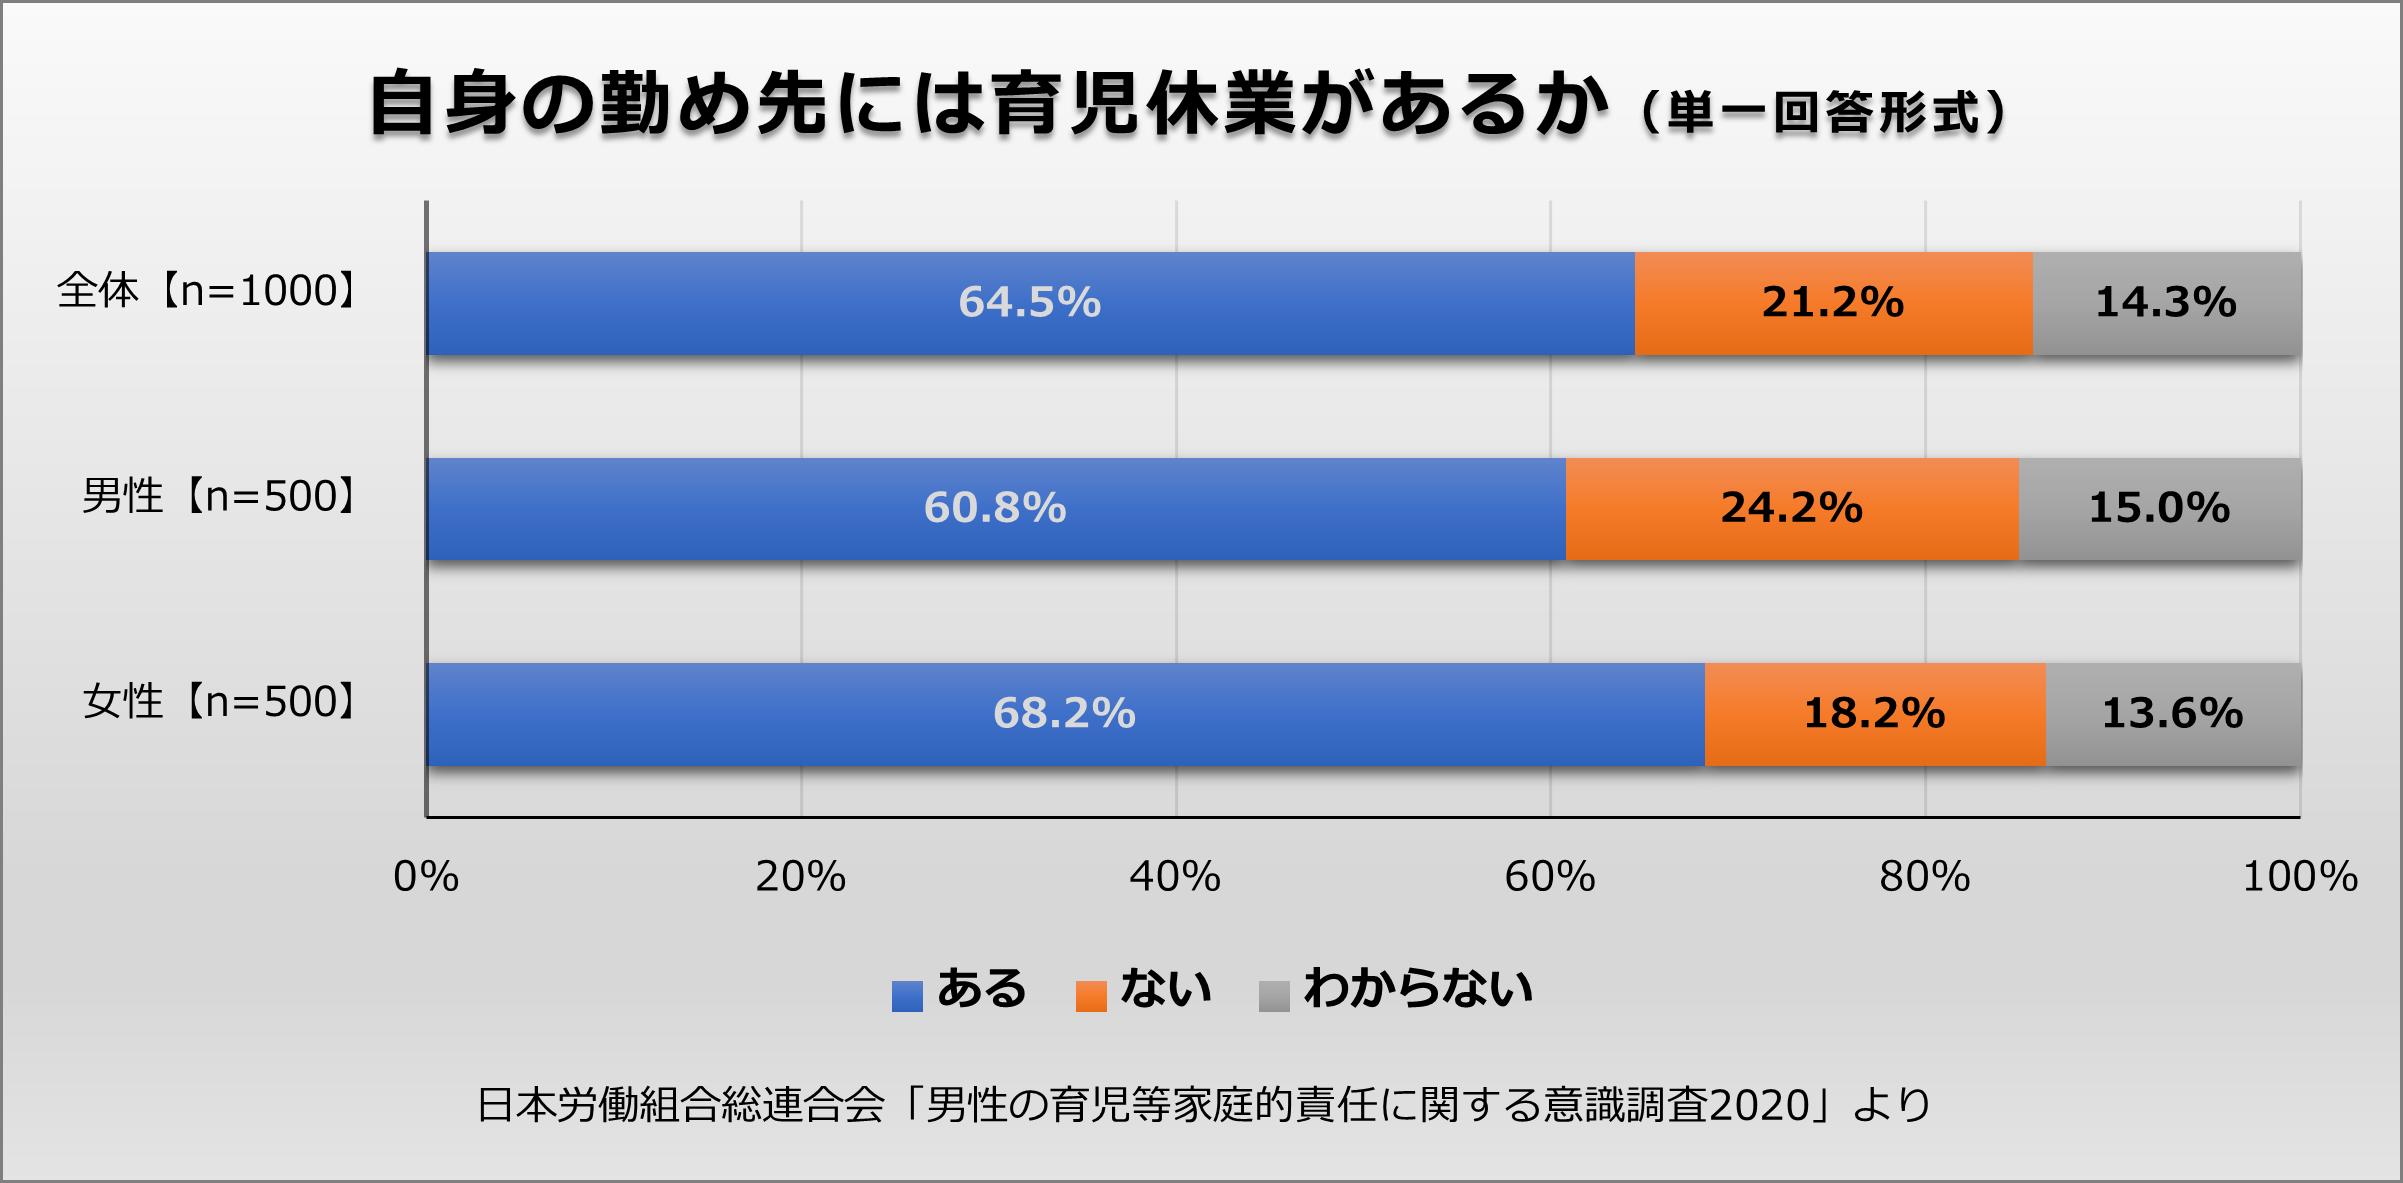 自身の勤め先には育児休業があるか、男女各500名が単一回答形式である・ない・わからないで回答した結果のグラフ。日本労働組合総連合会「男性の育児等家庭的責任に関する意識調査2020」より